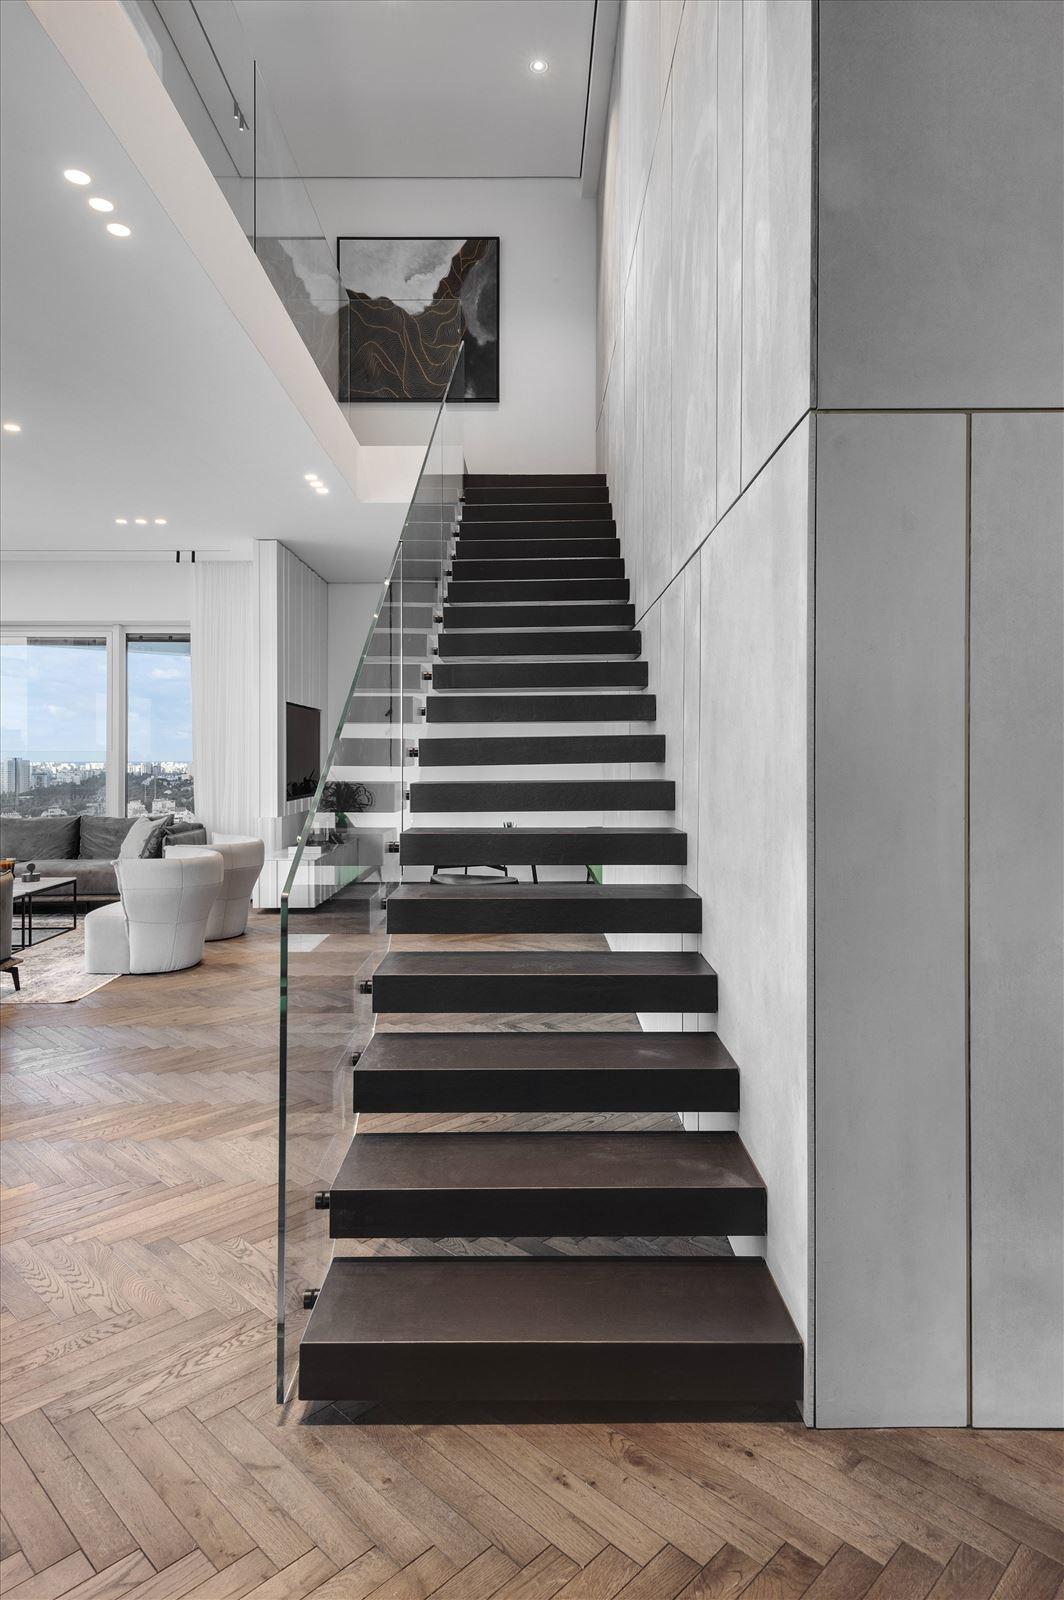 תאורה באזור המדרגות - פרויקט תאורה בדופלקס על ידי קמחי תאורה